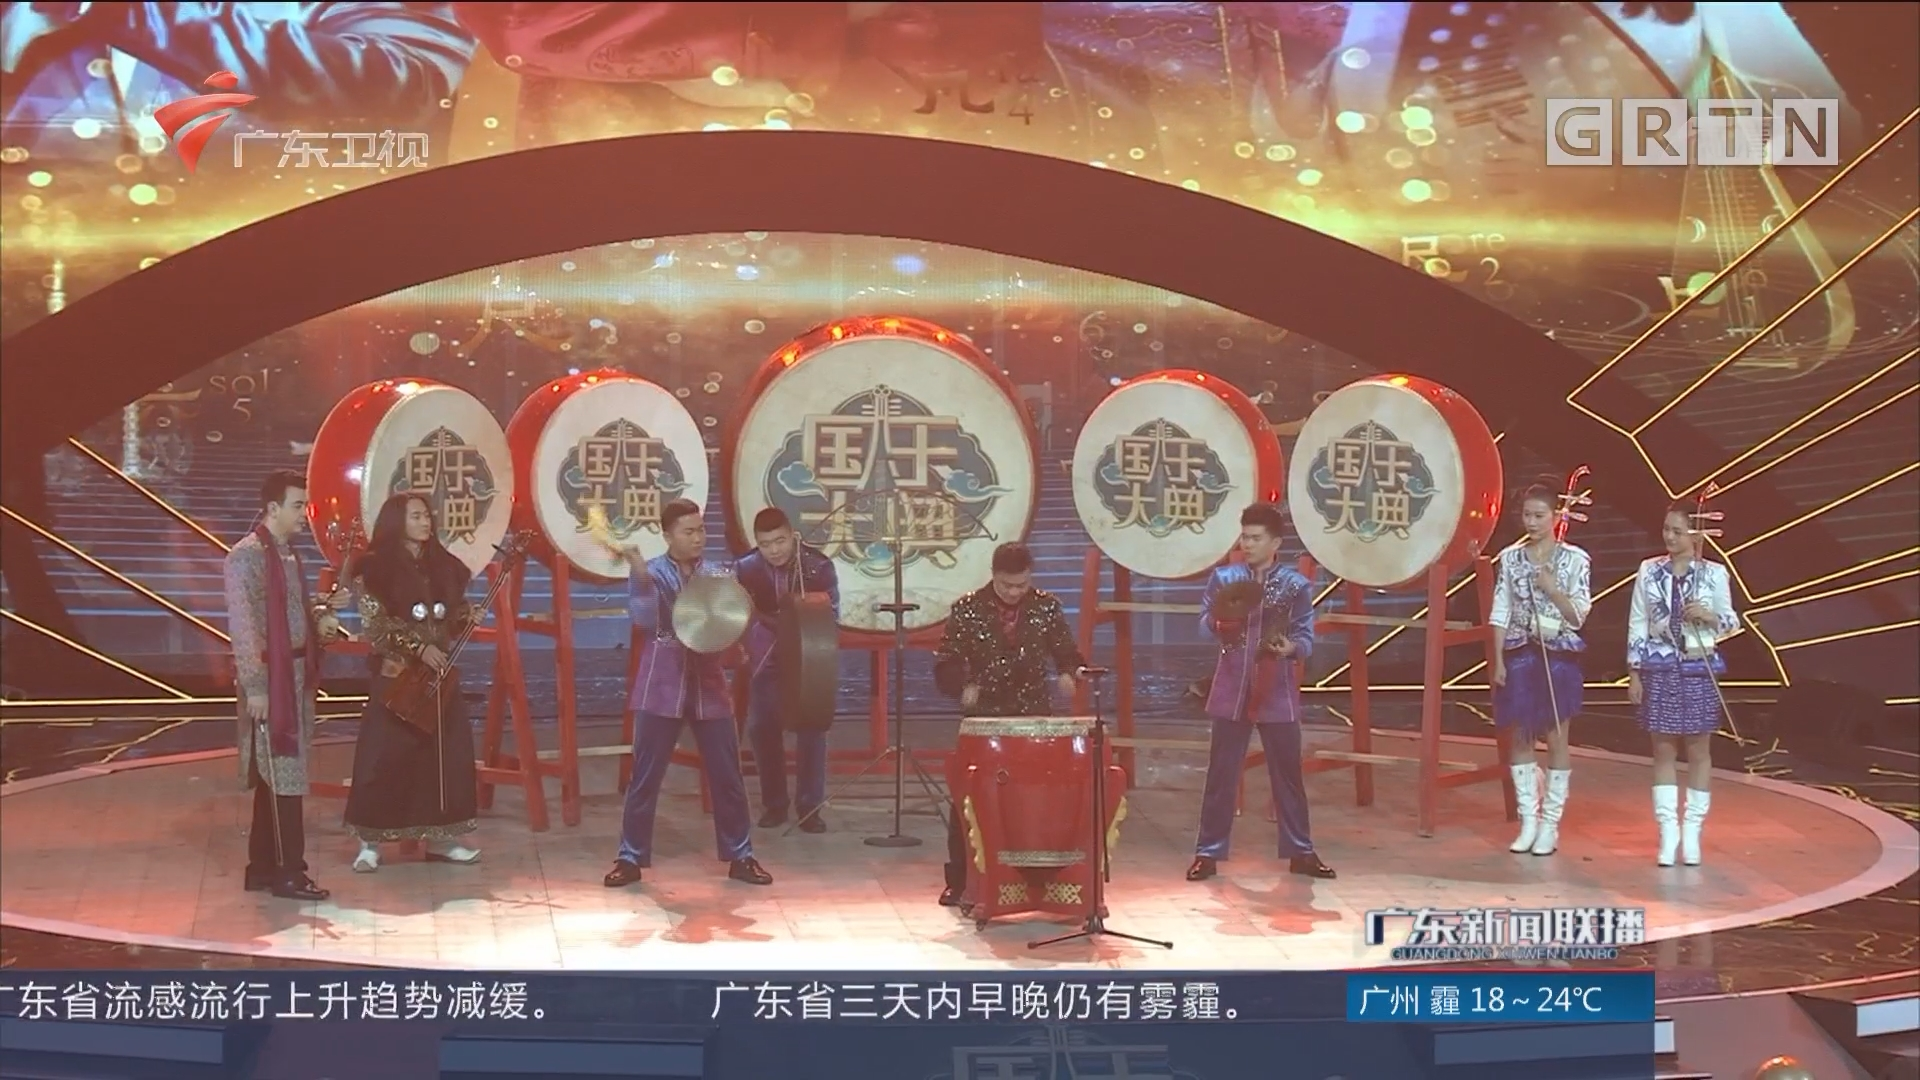 聆听中国音乐之美 《国乐大典》开机